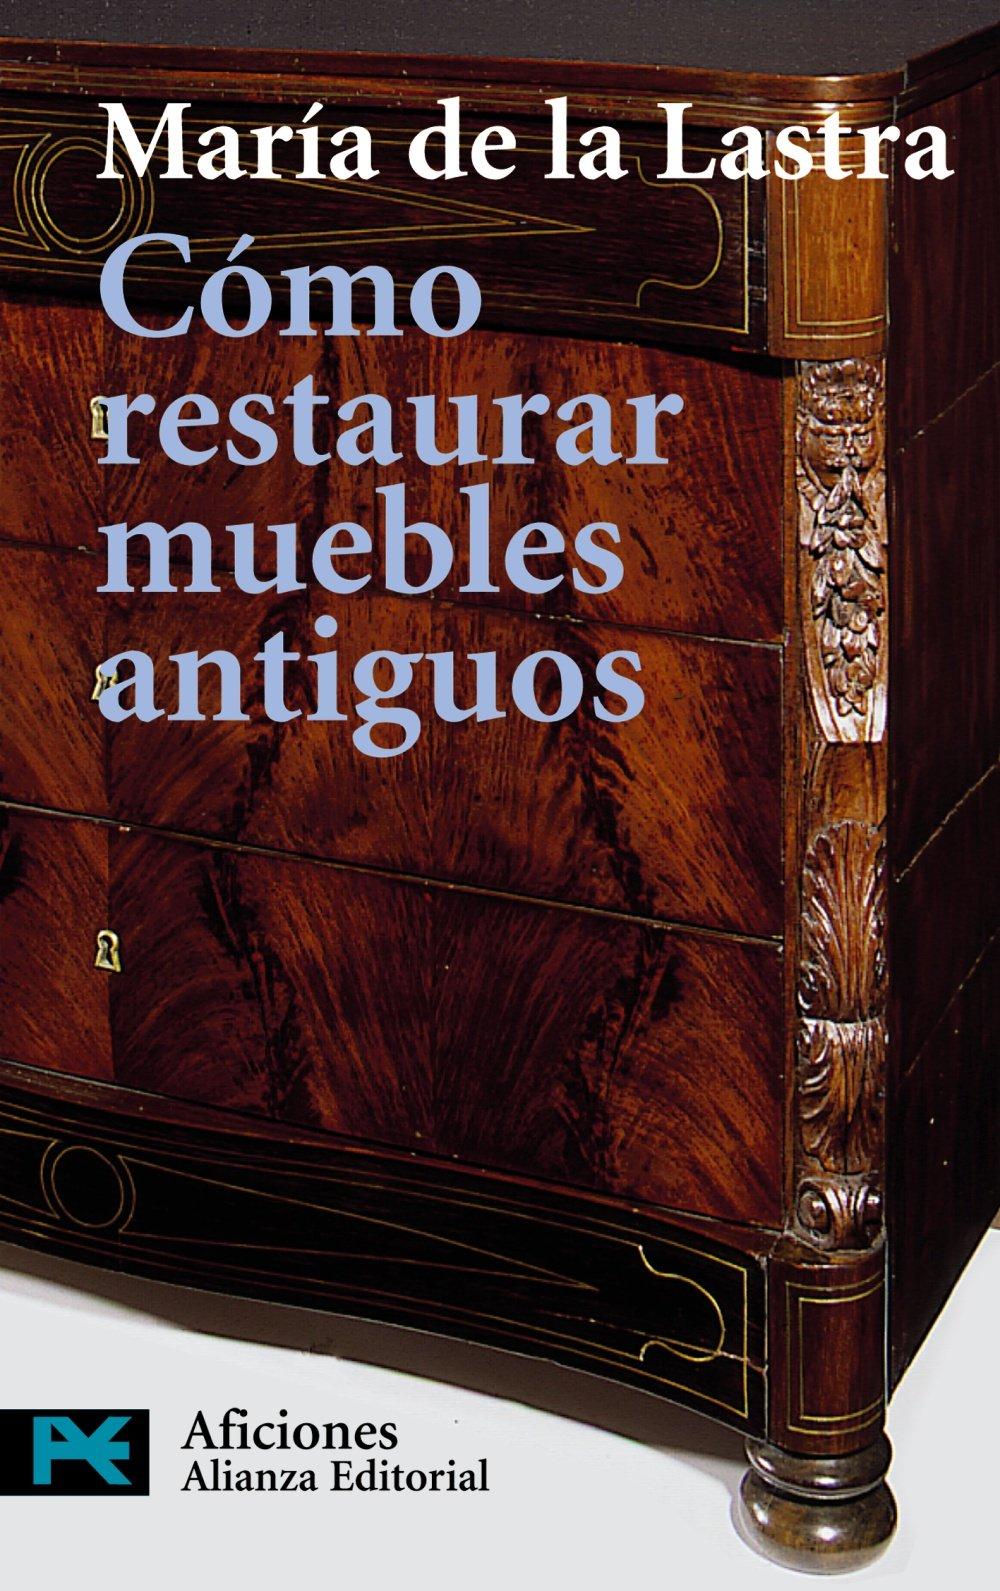 Cómo restaurar muebles antiguos El Libro De Bolsillo - Varios: Amazon.es: María de la Lastra: Libros